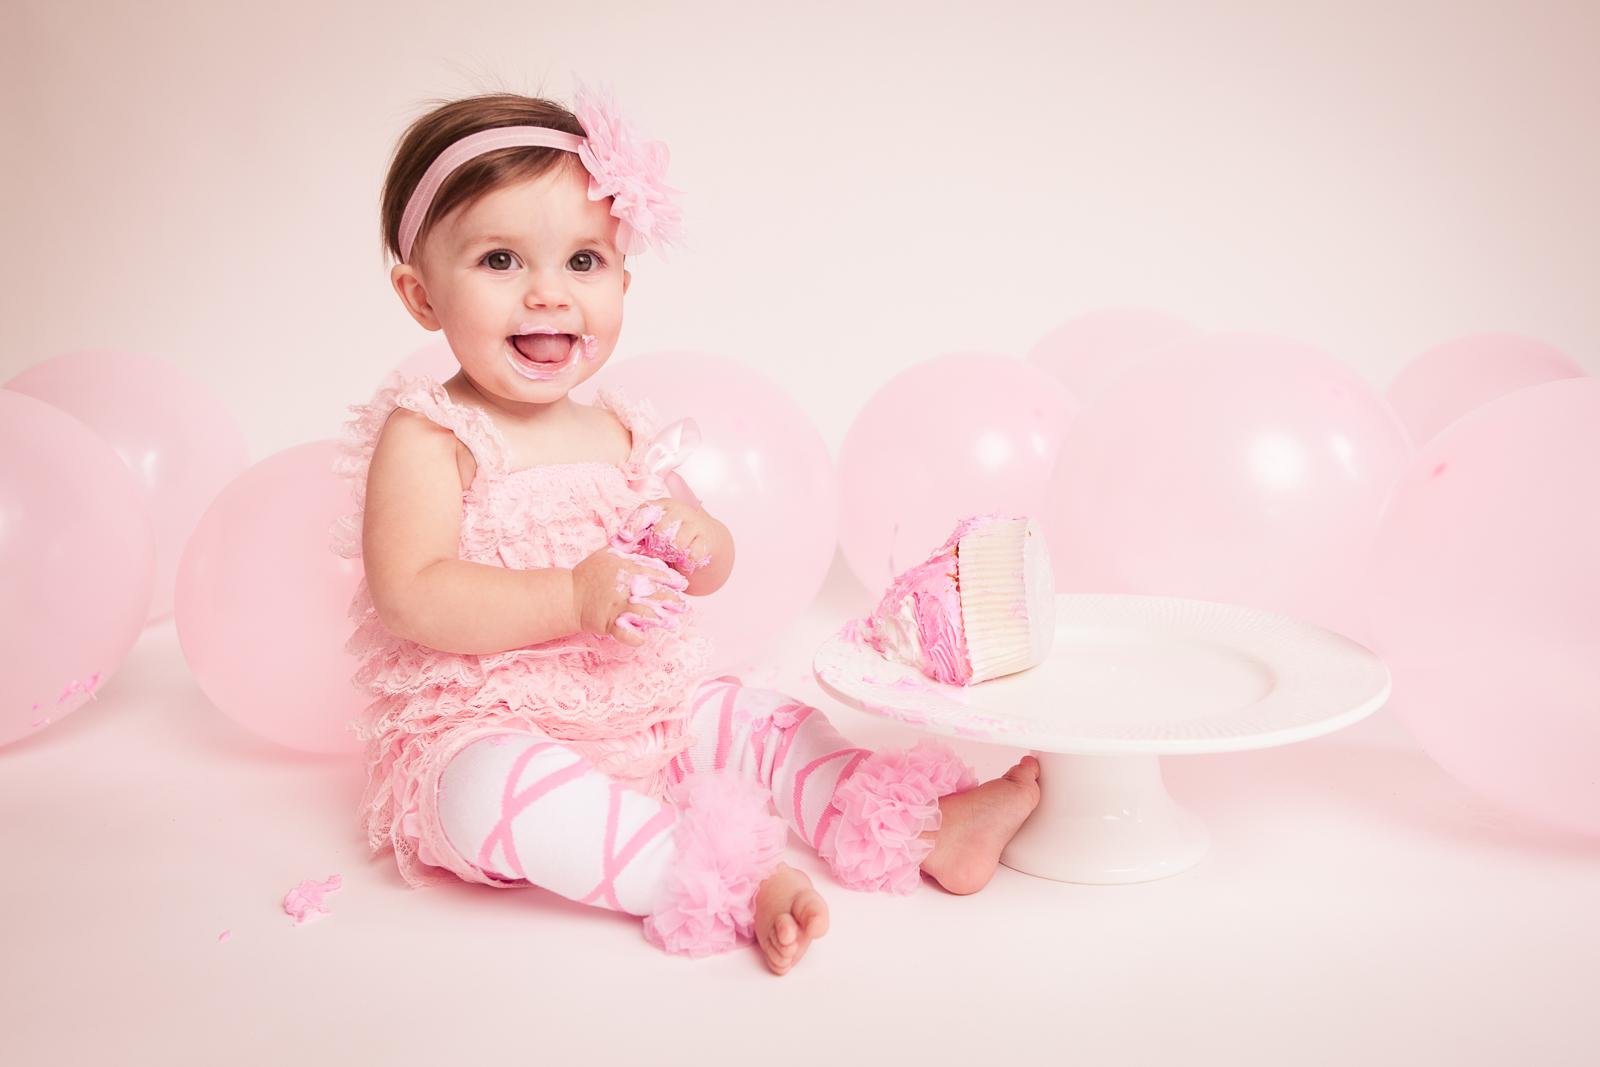 cake-smash-one-year-old-photographer-lafayette-indiana-27.jpg